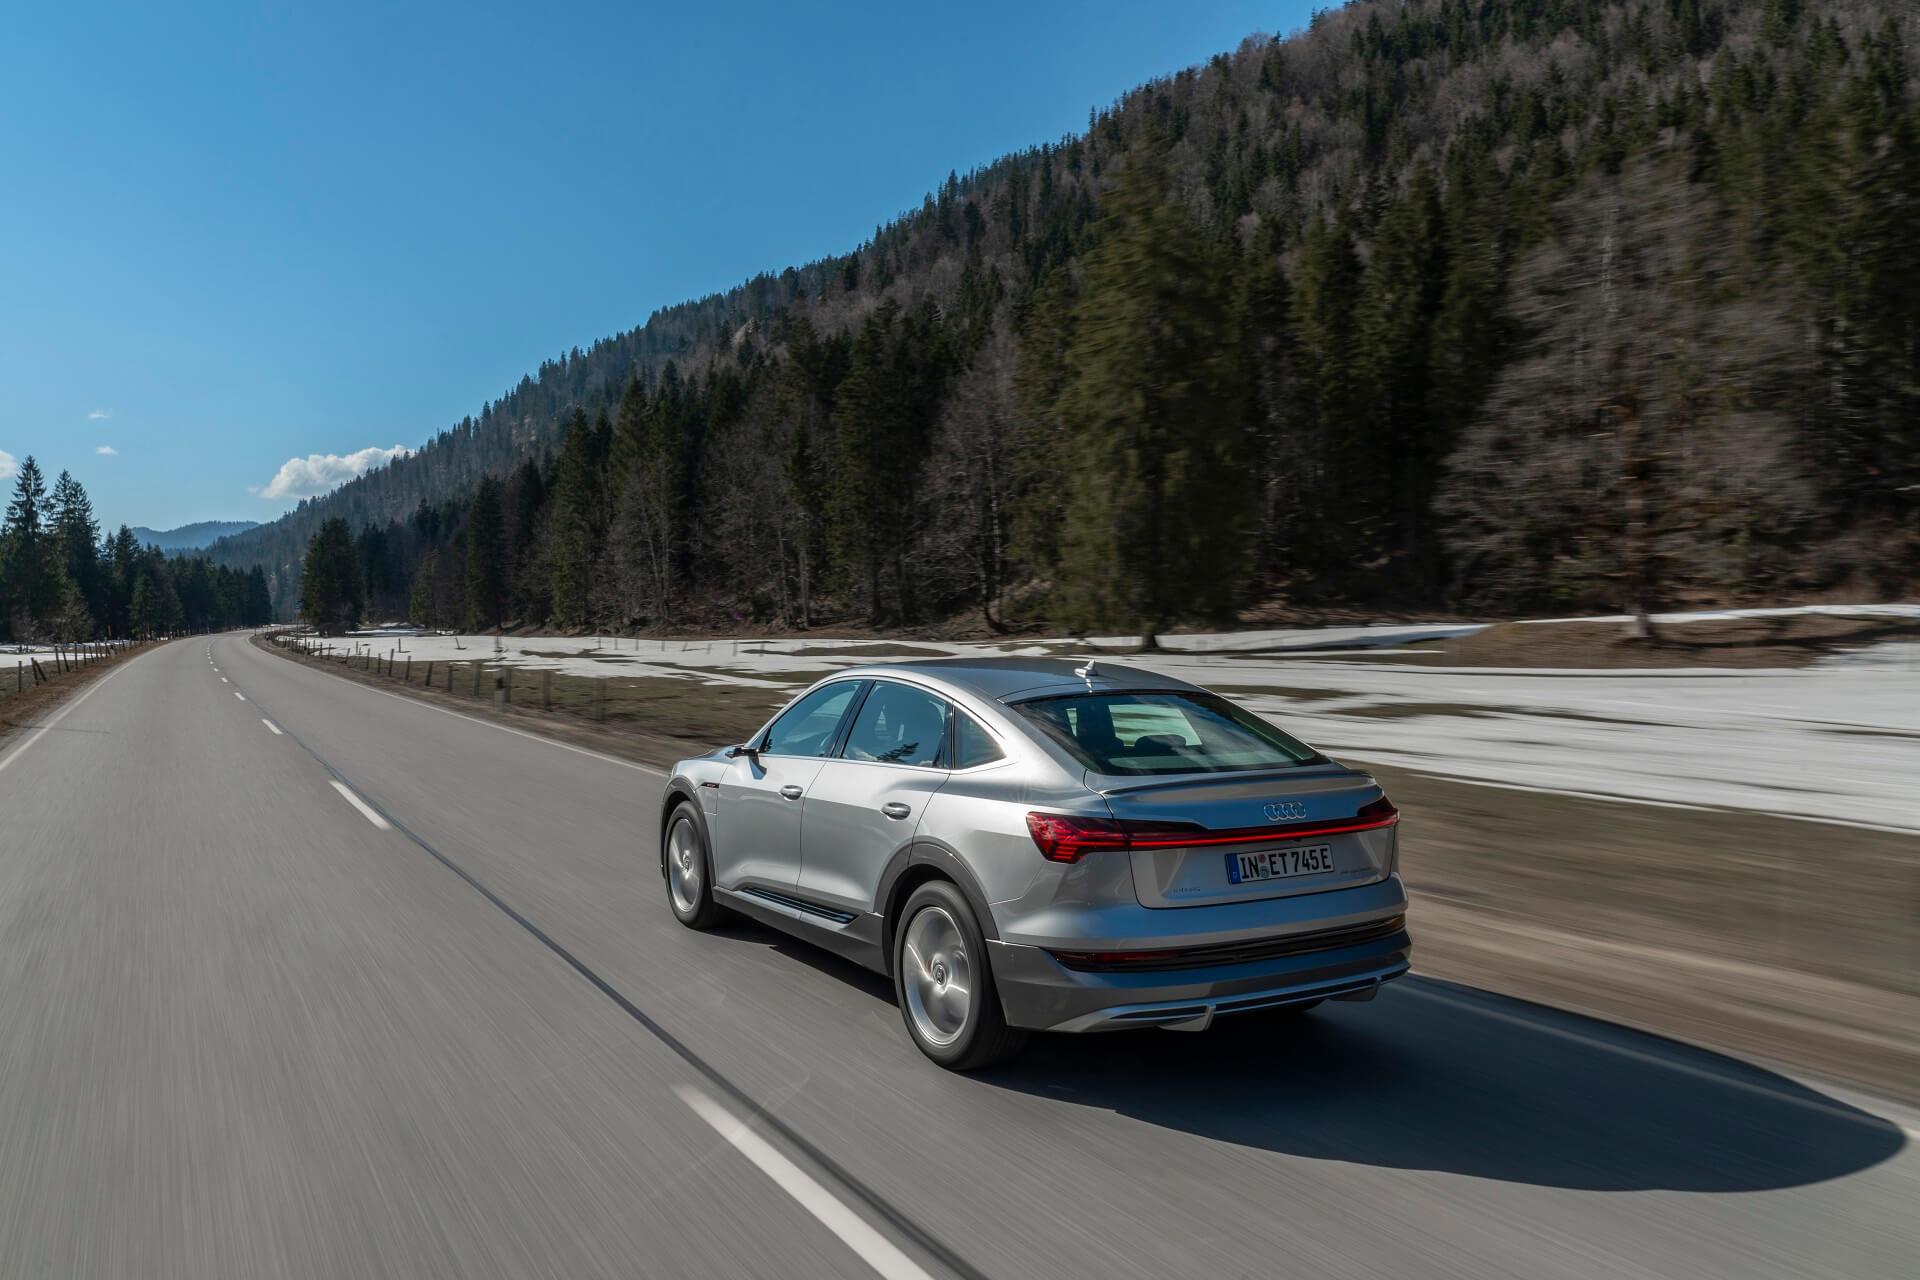 Audi e-tron Sportback σε κίνηση στο δρόμο